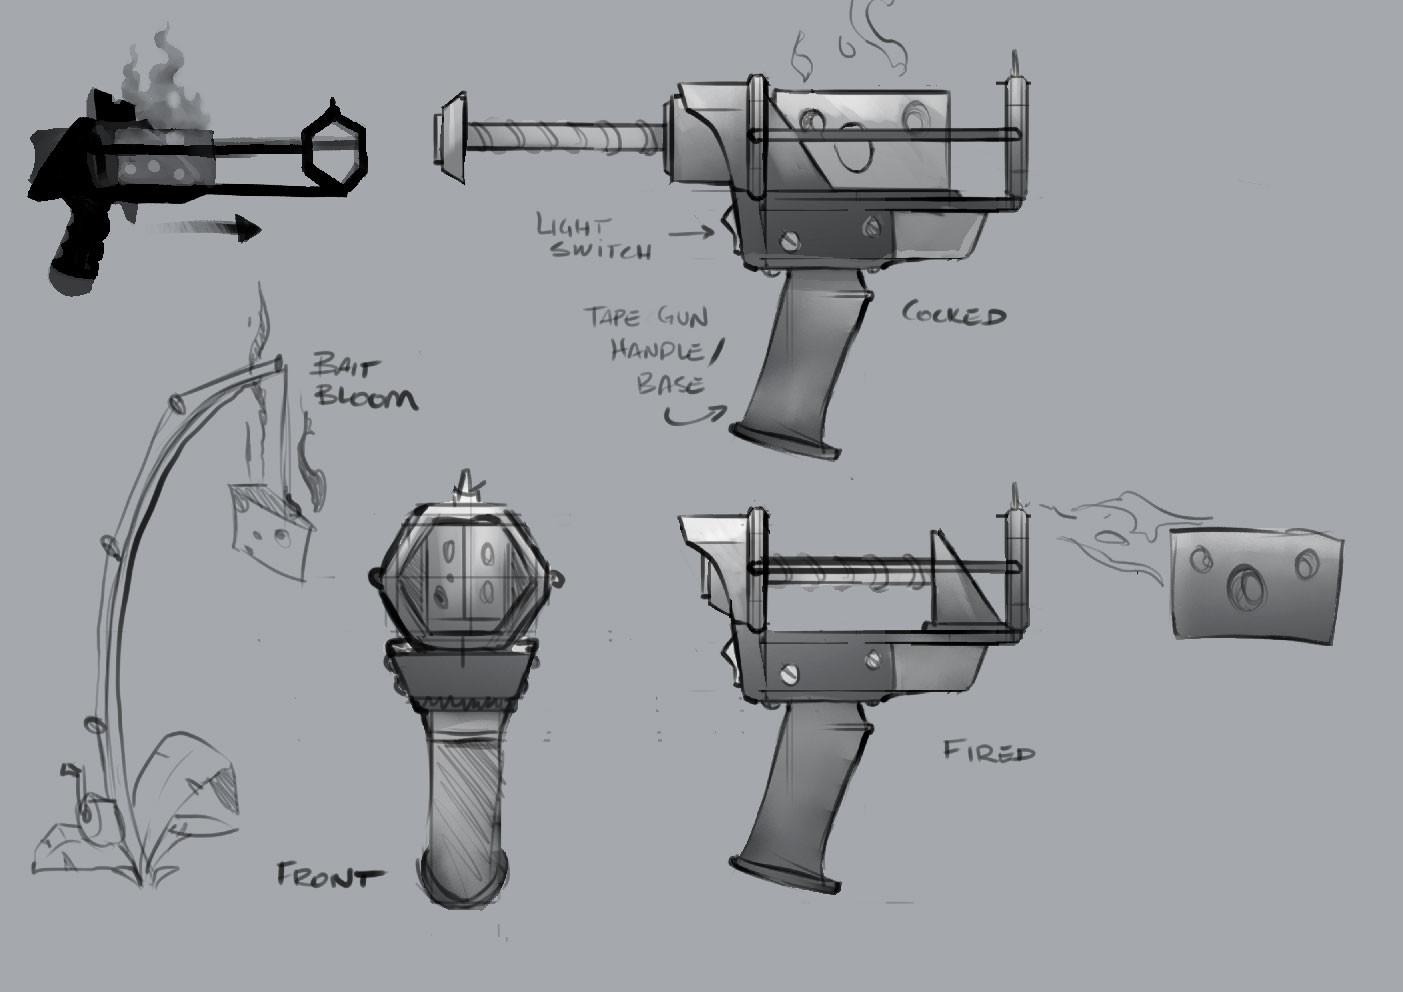 Bait Gun - Weapon/Prop Concept